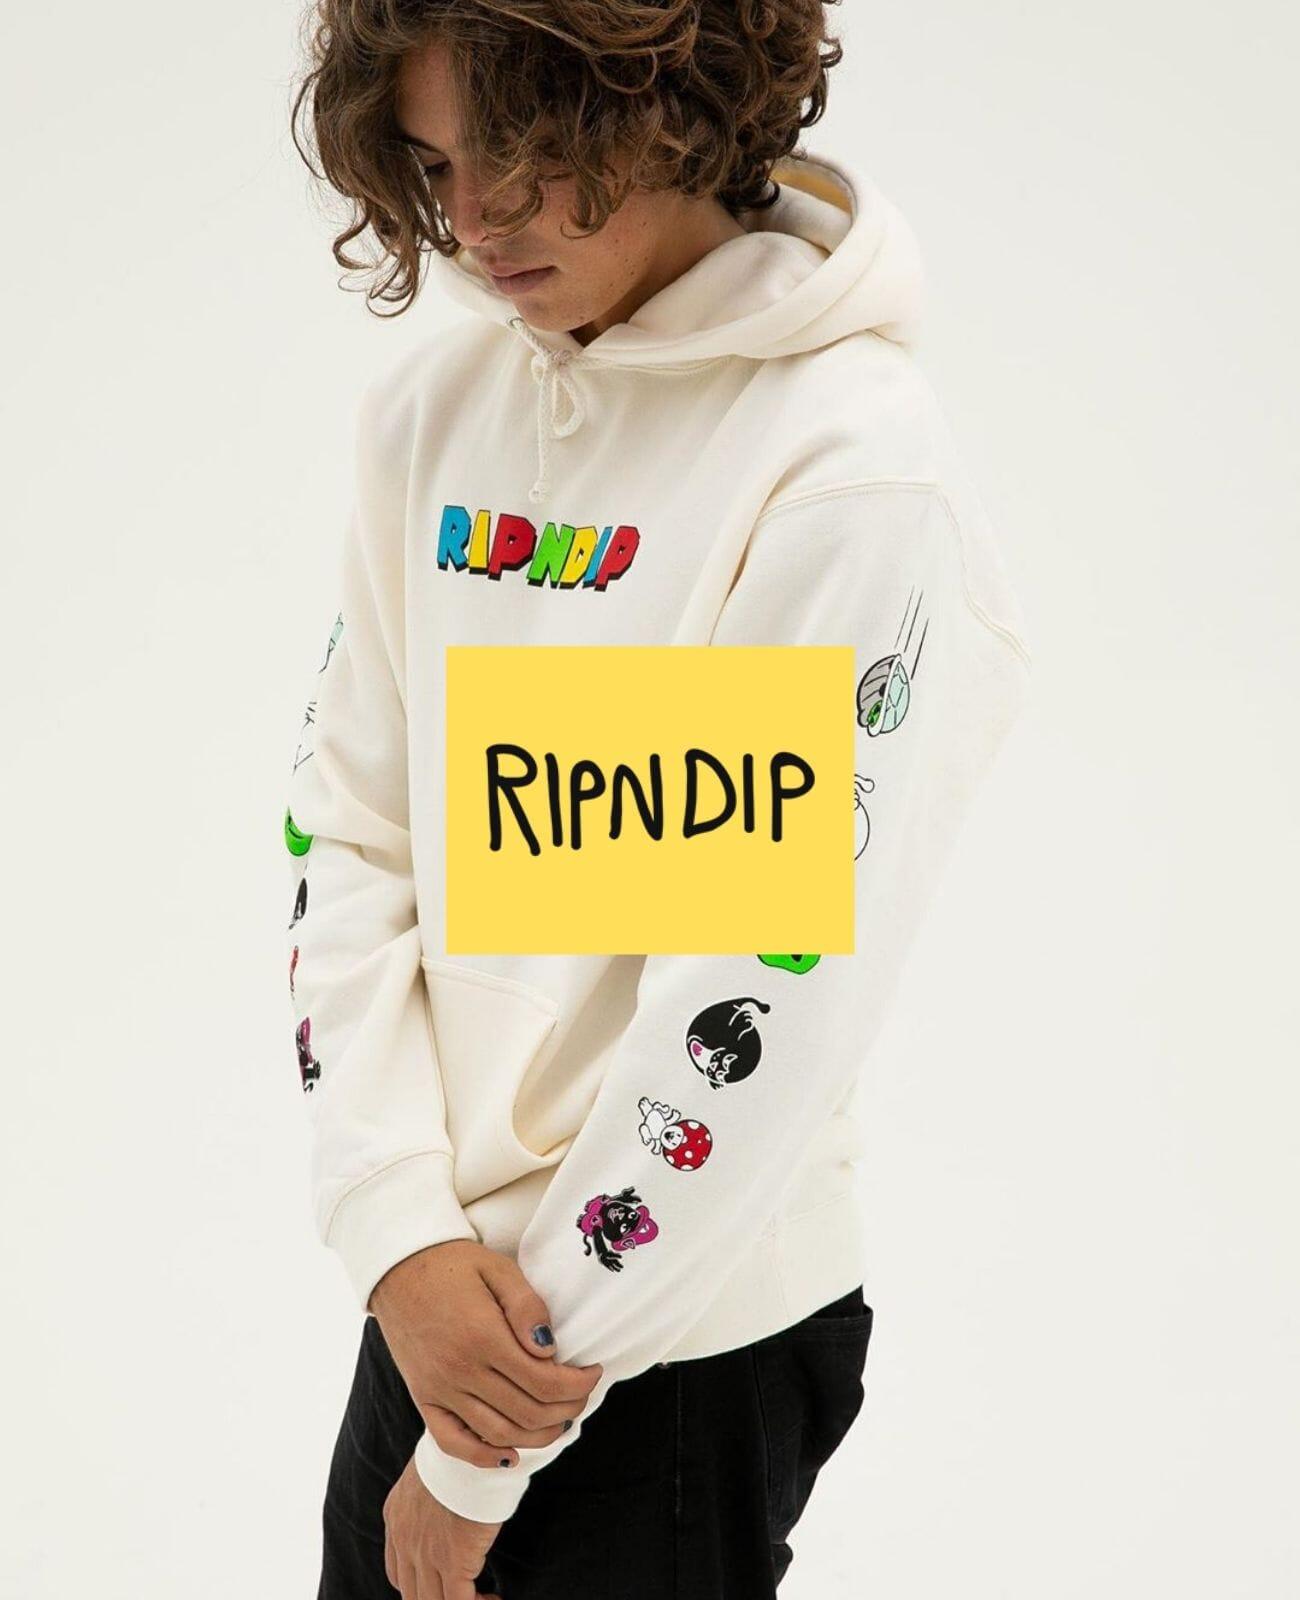 Rip N Dip - Abbigliamento streetwear - Rip N Dip Italia online shop